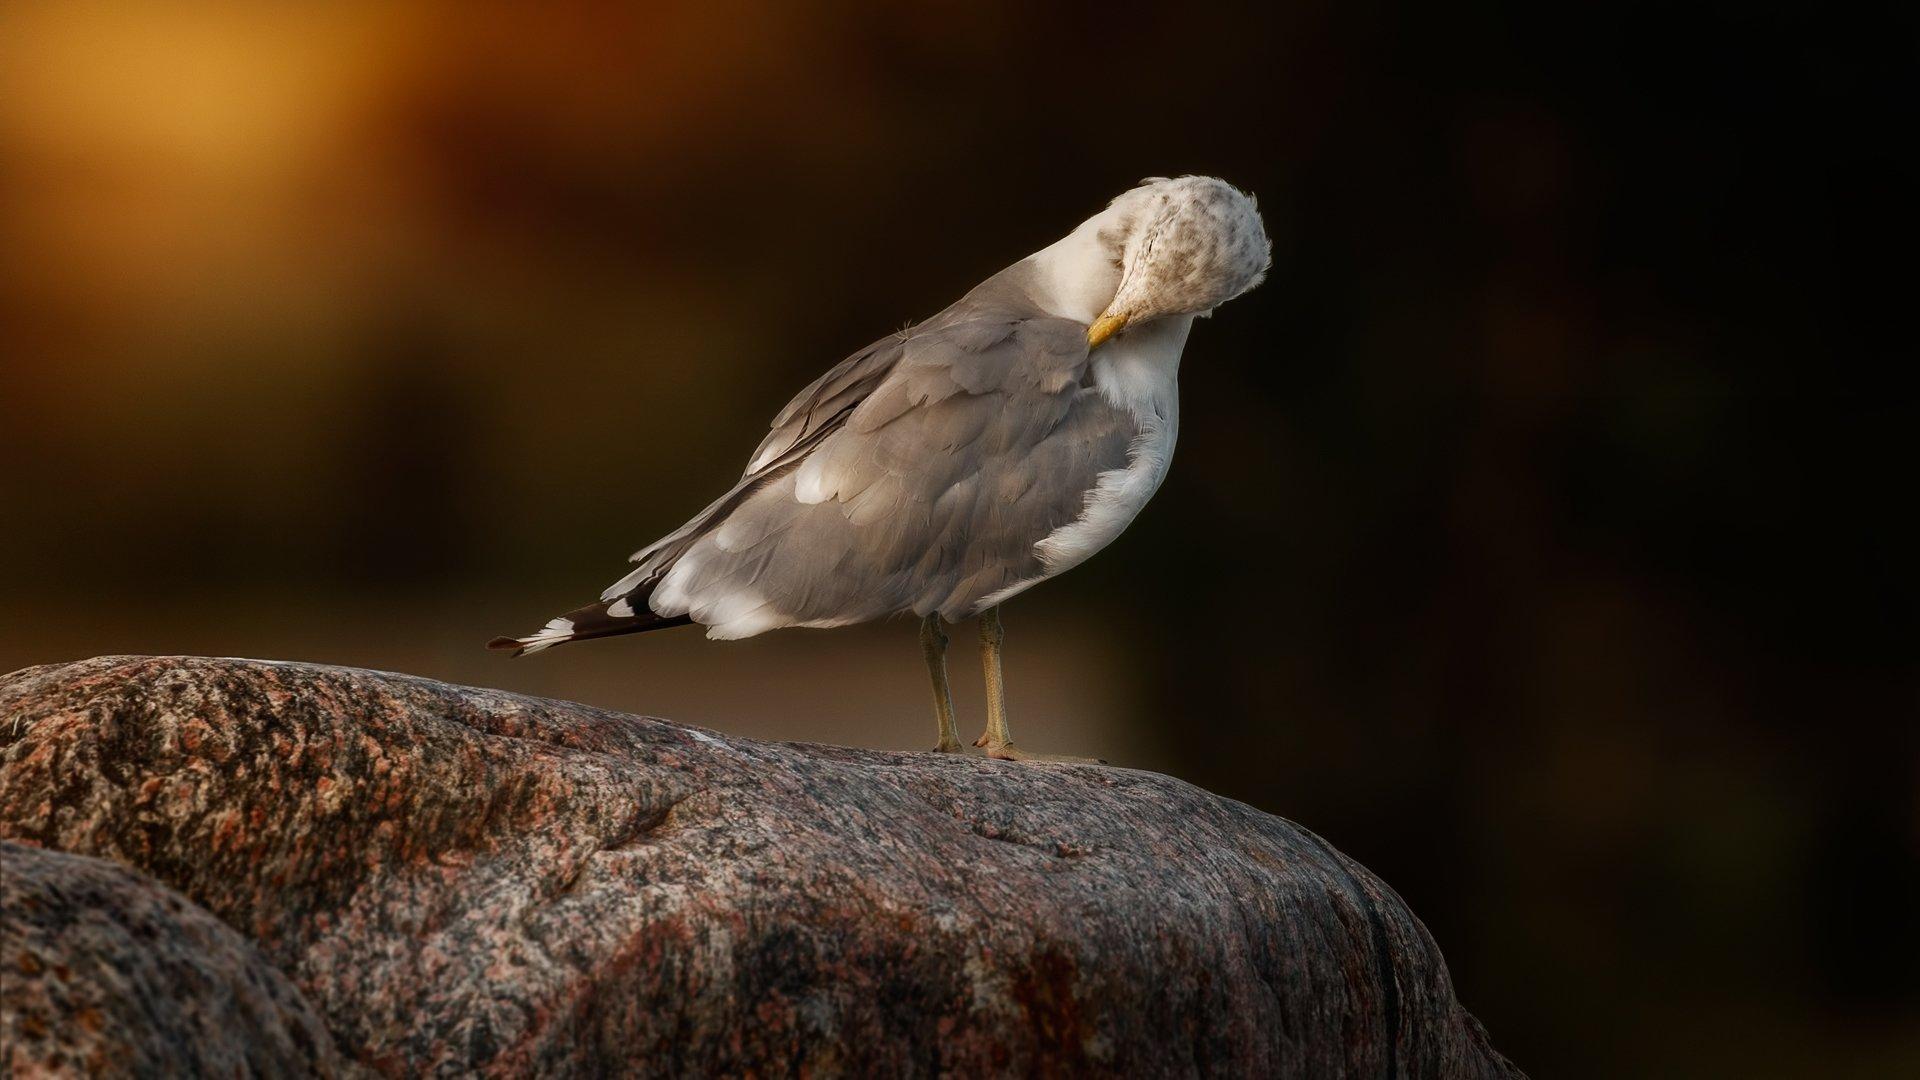 herring gull at sunset